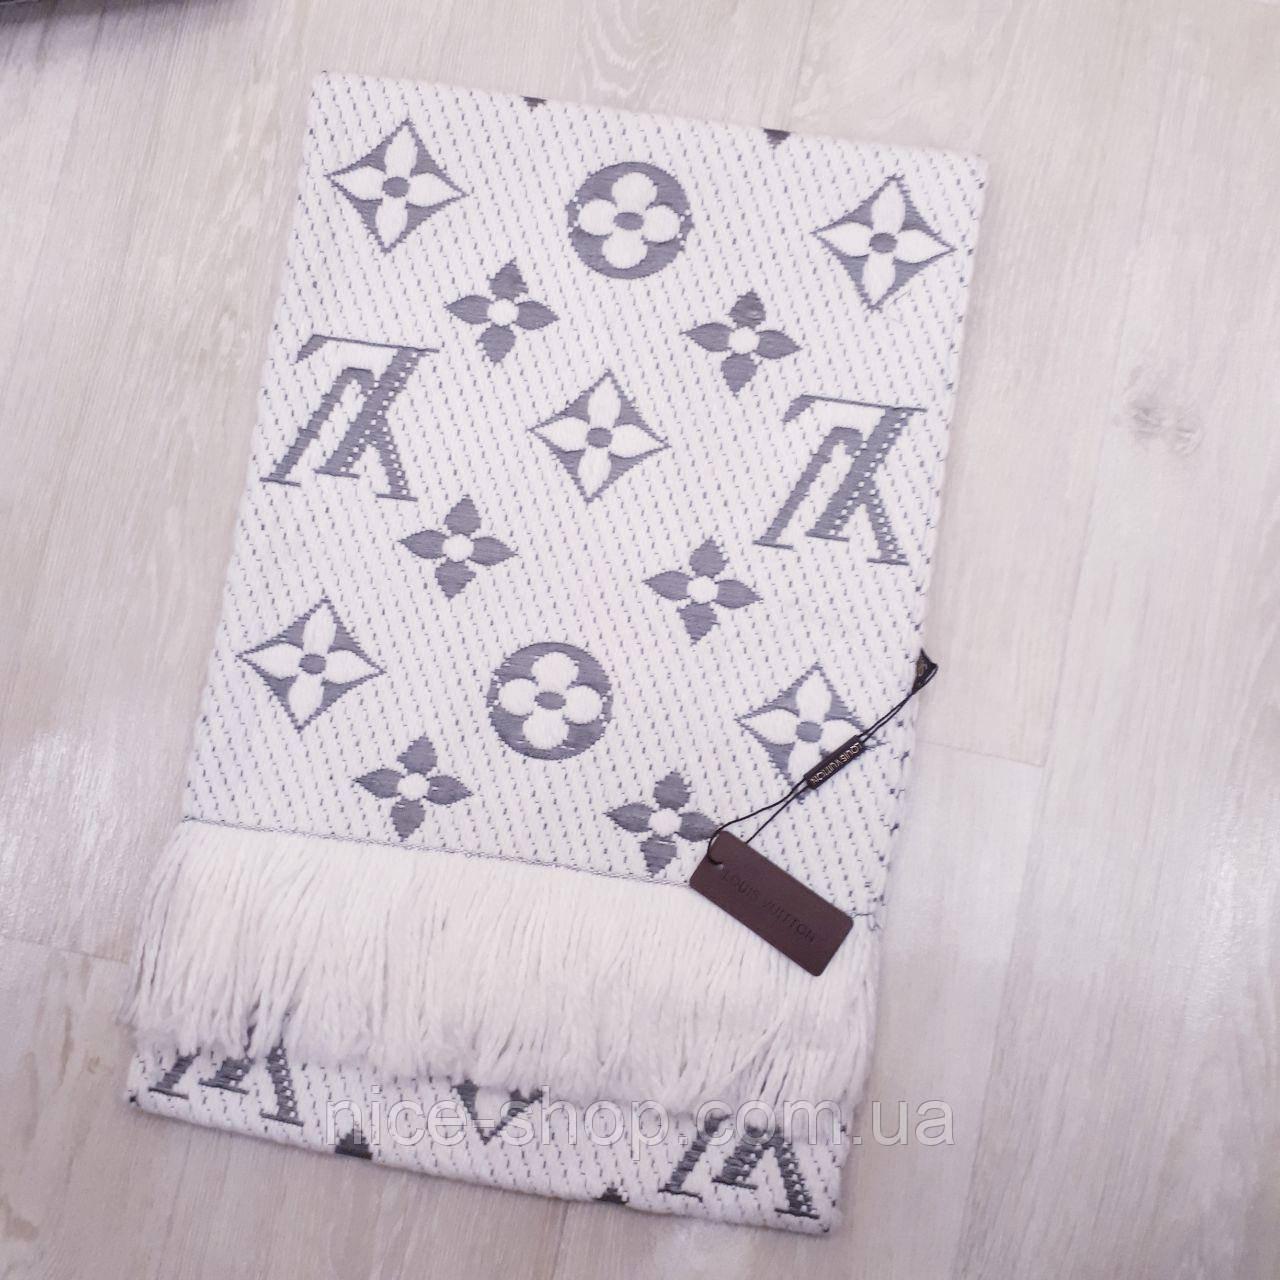 6a7dd457df53 Шарф Louis Vuitton белый  продажа, цена в Одессе. шарфы от